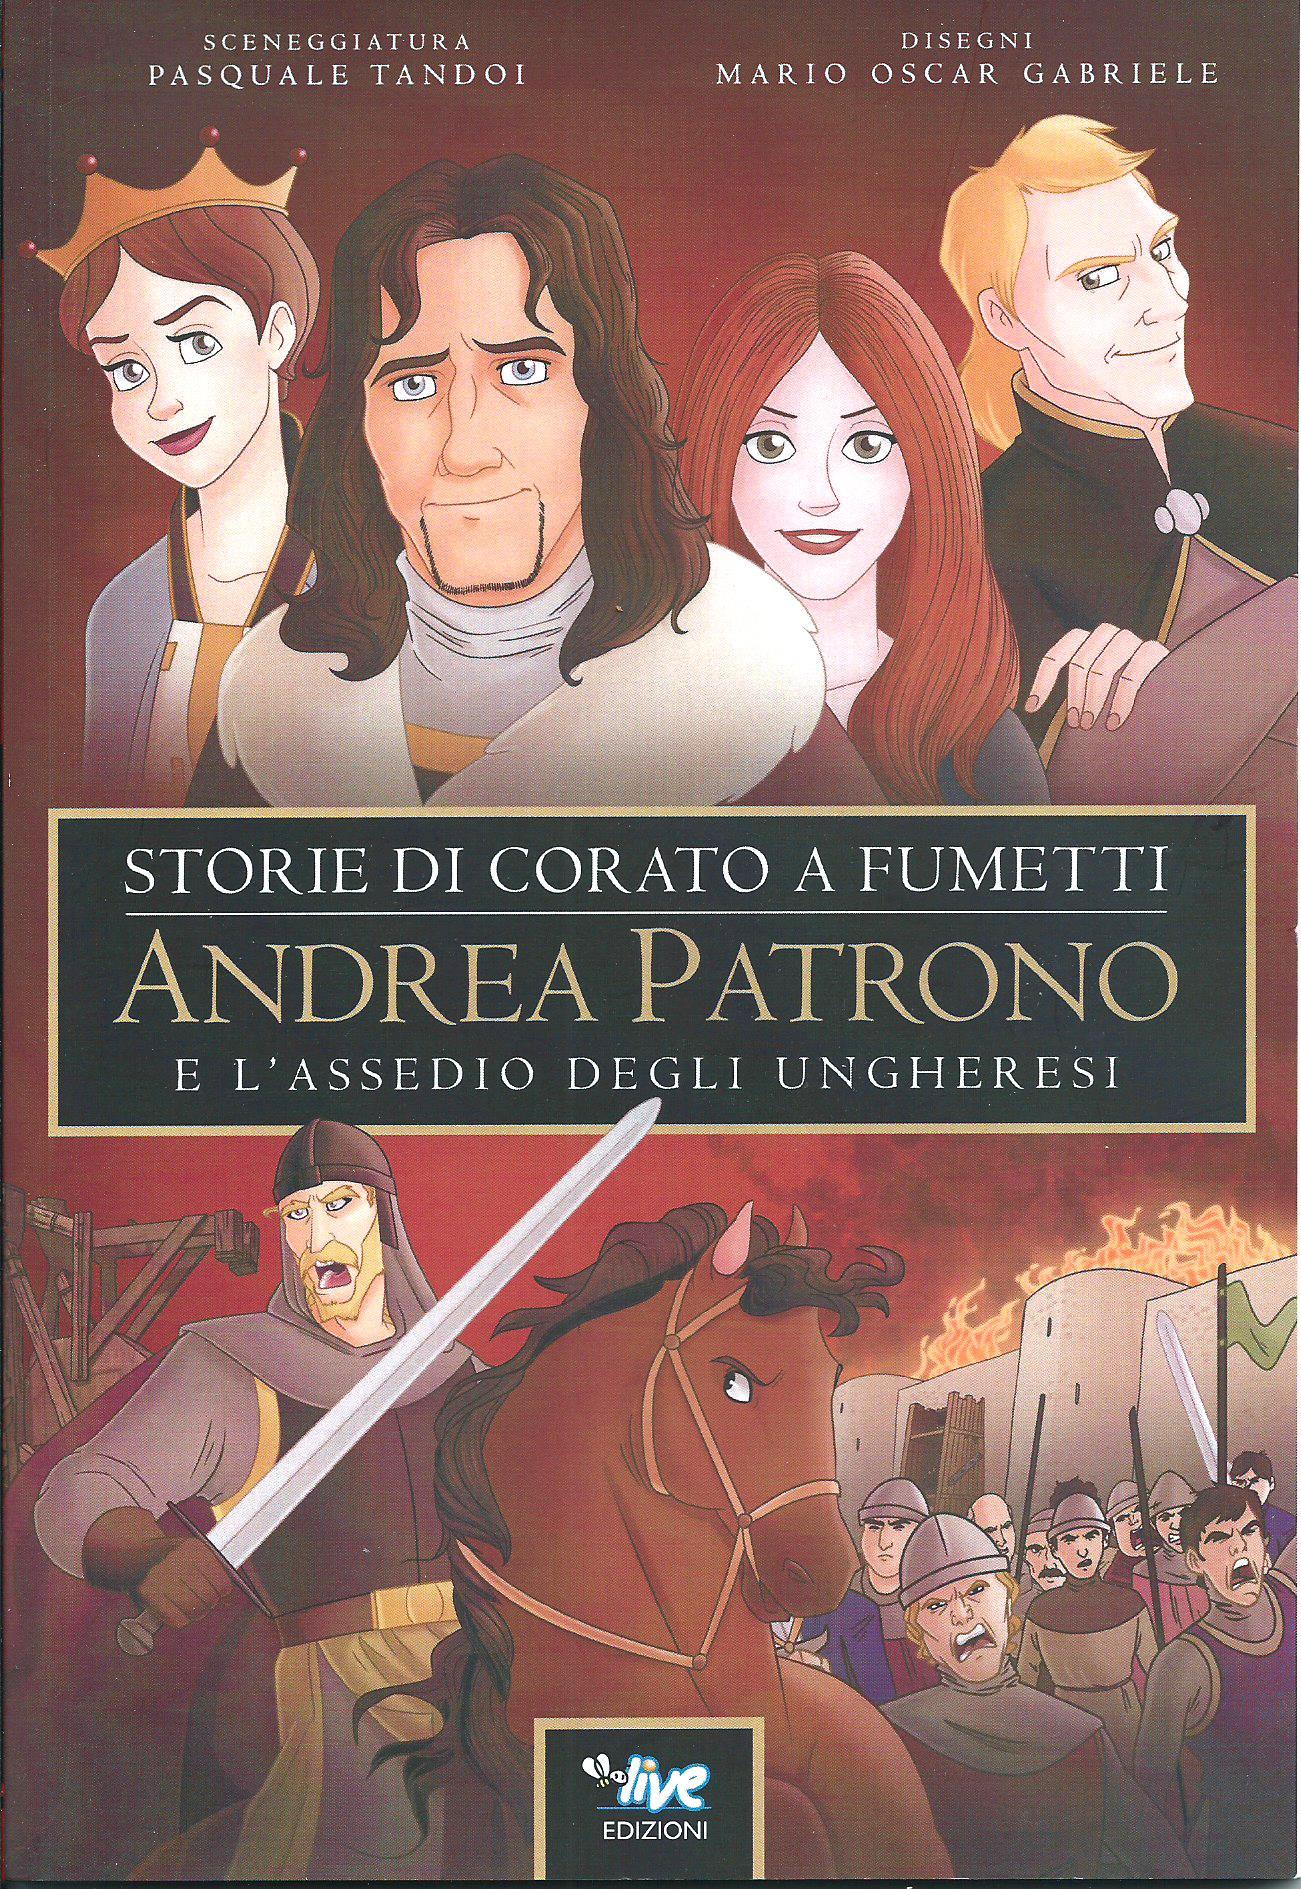 Andrea Patrono e l'assedio degli ungheresi